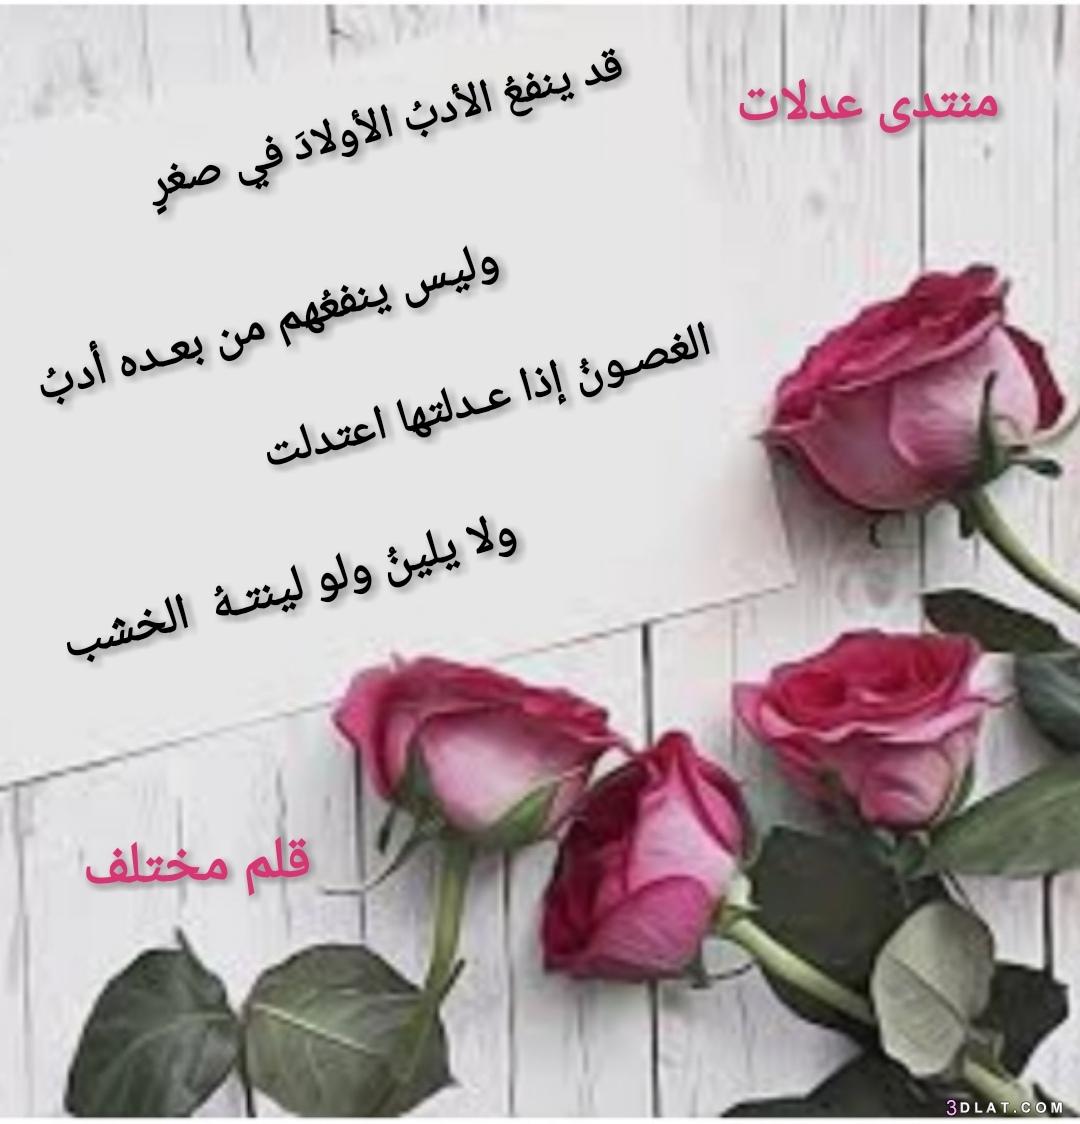 تصميمي (حسن تربية الأبناء) 3dlat.com_12_18_81ec